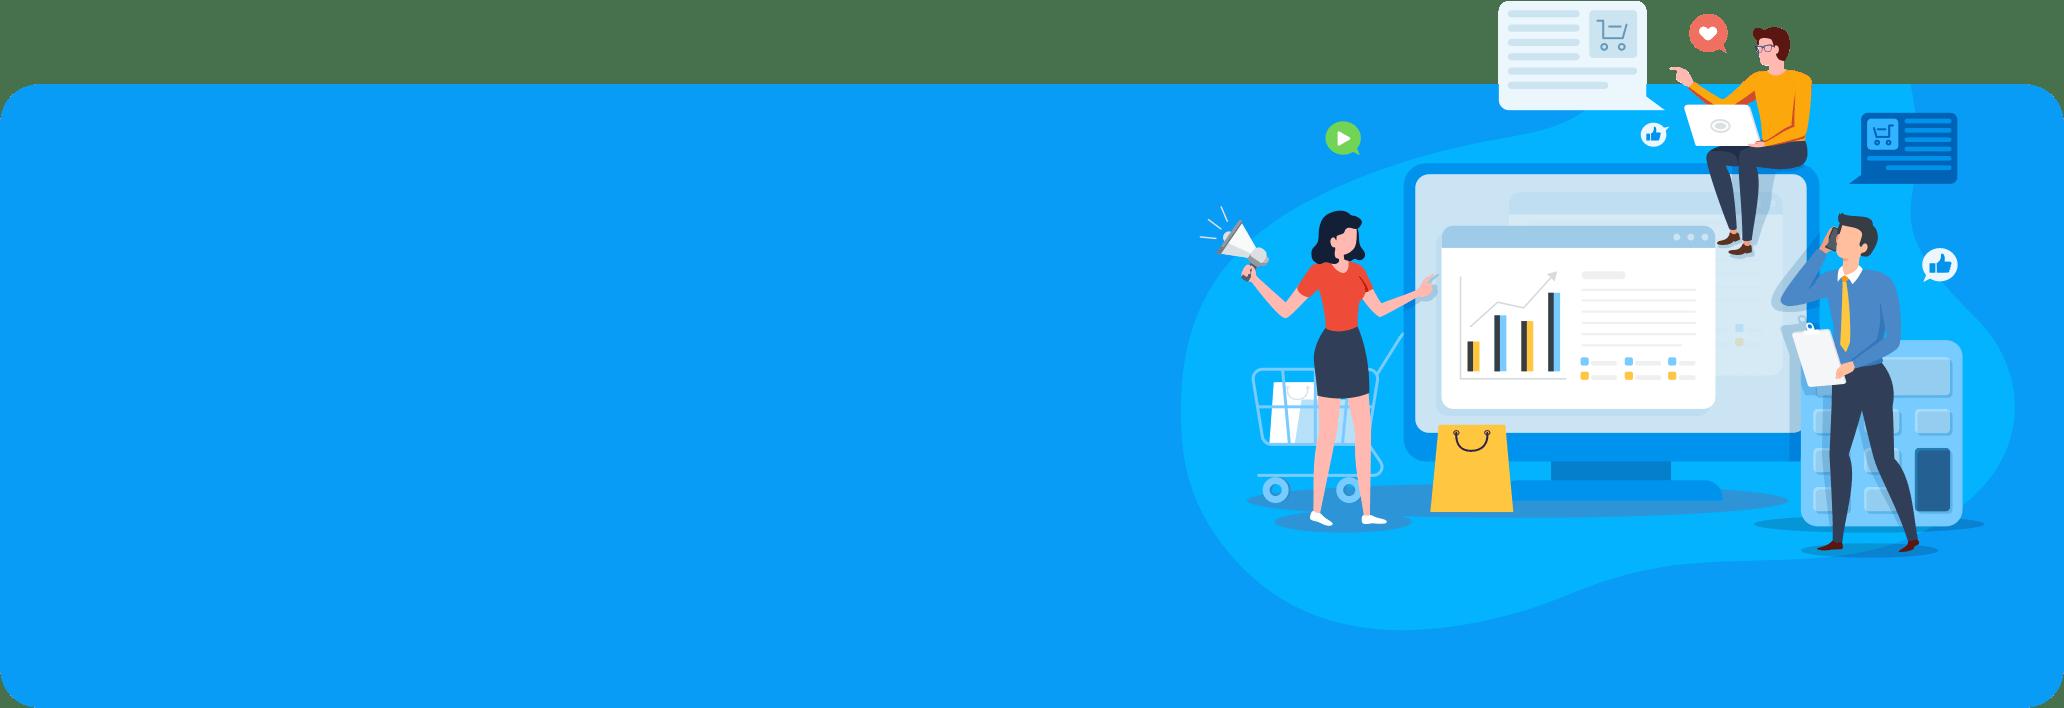 banner-try-app